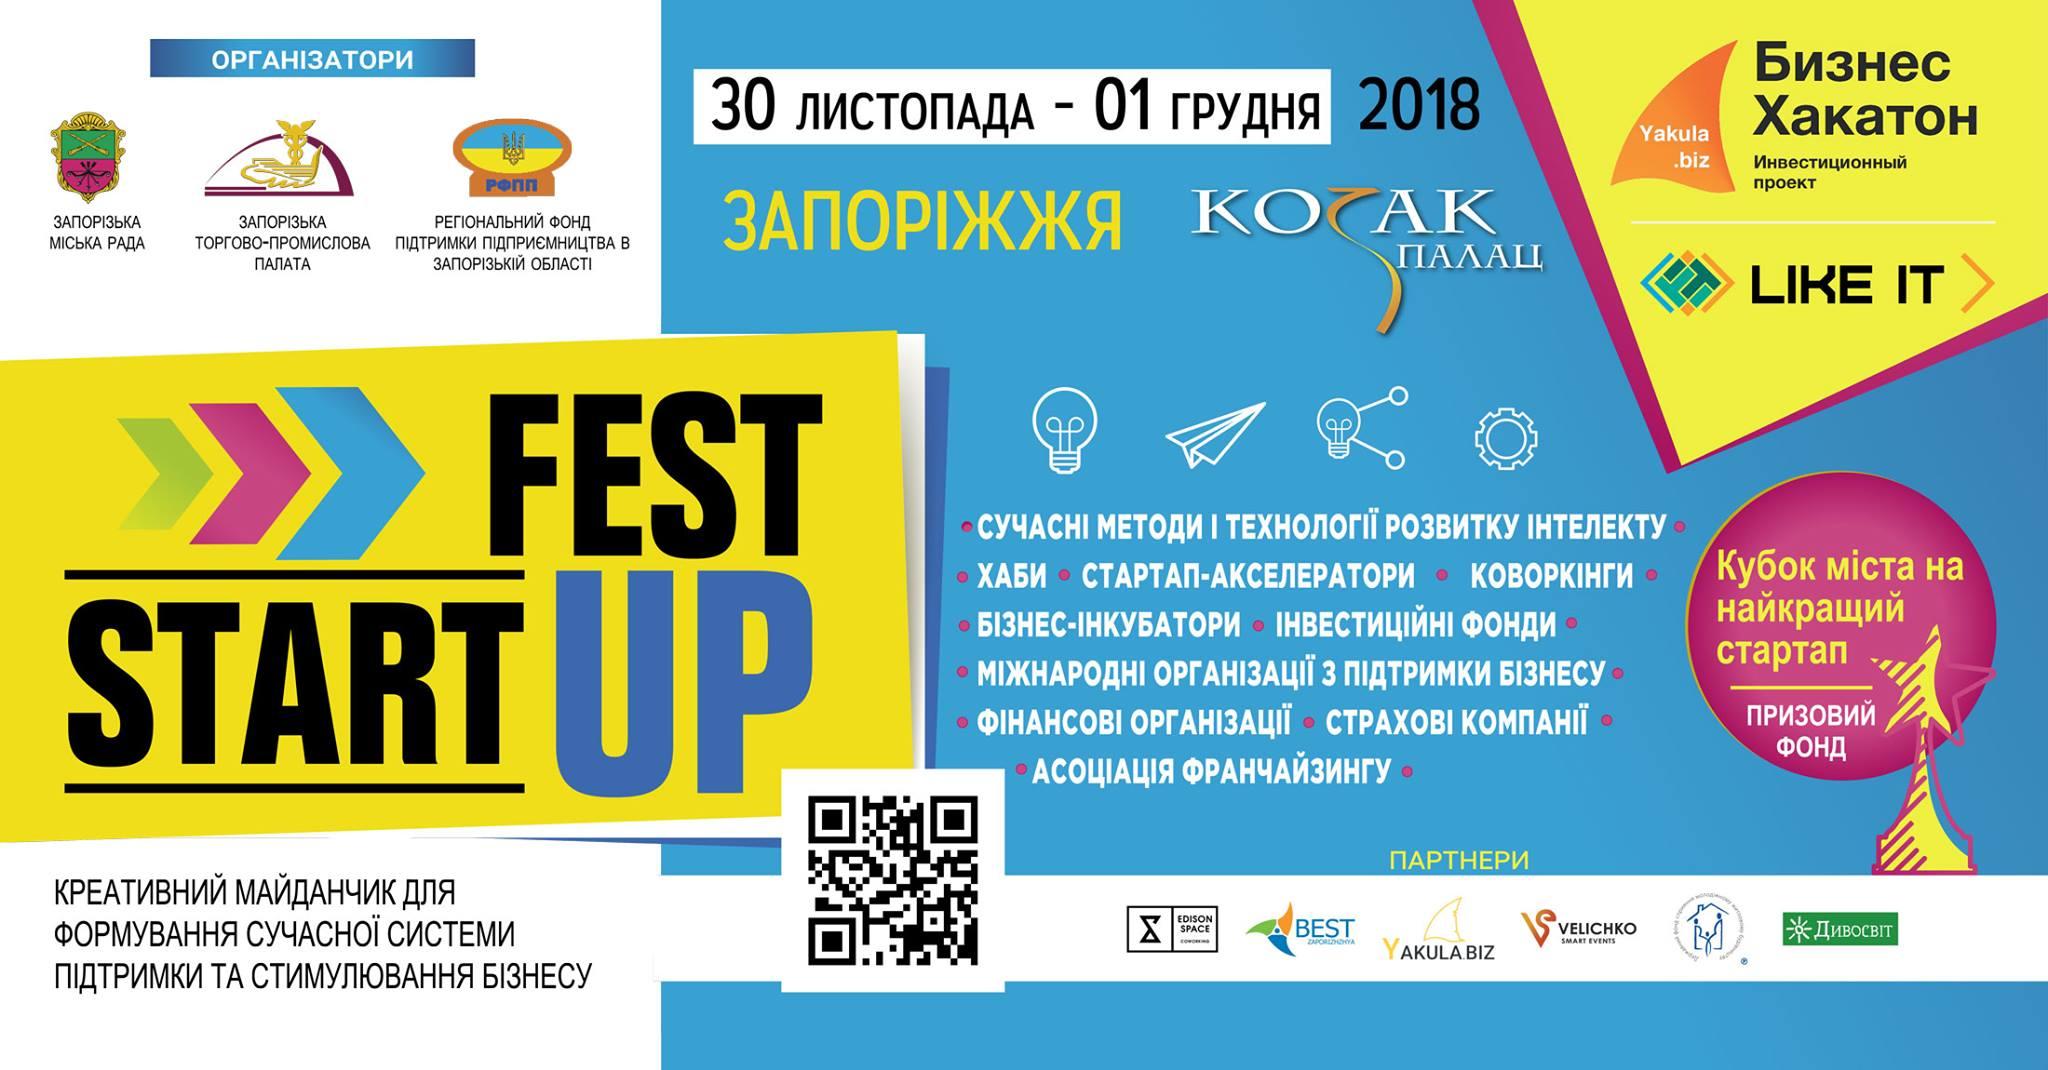 В Запорожье впервые пройдет фестиваль бизнес-идей «StartUp Fest»